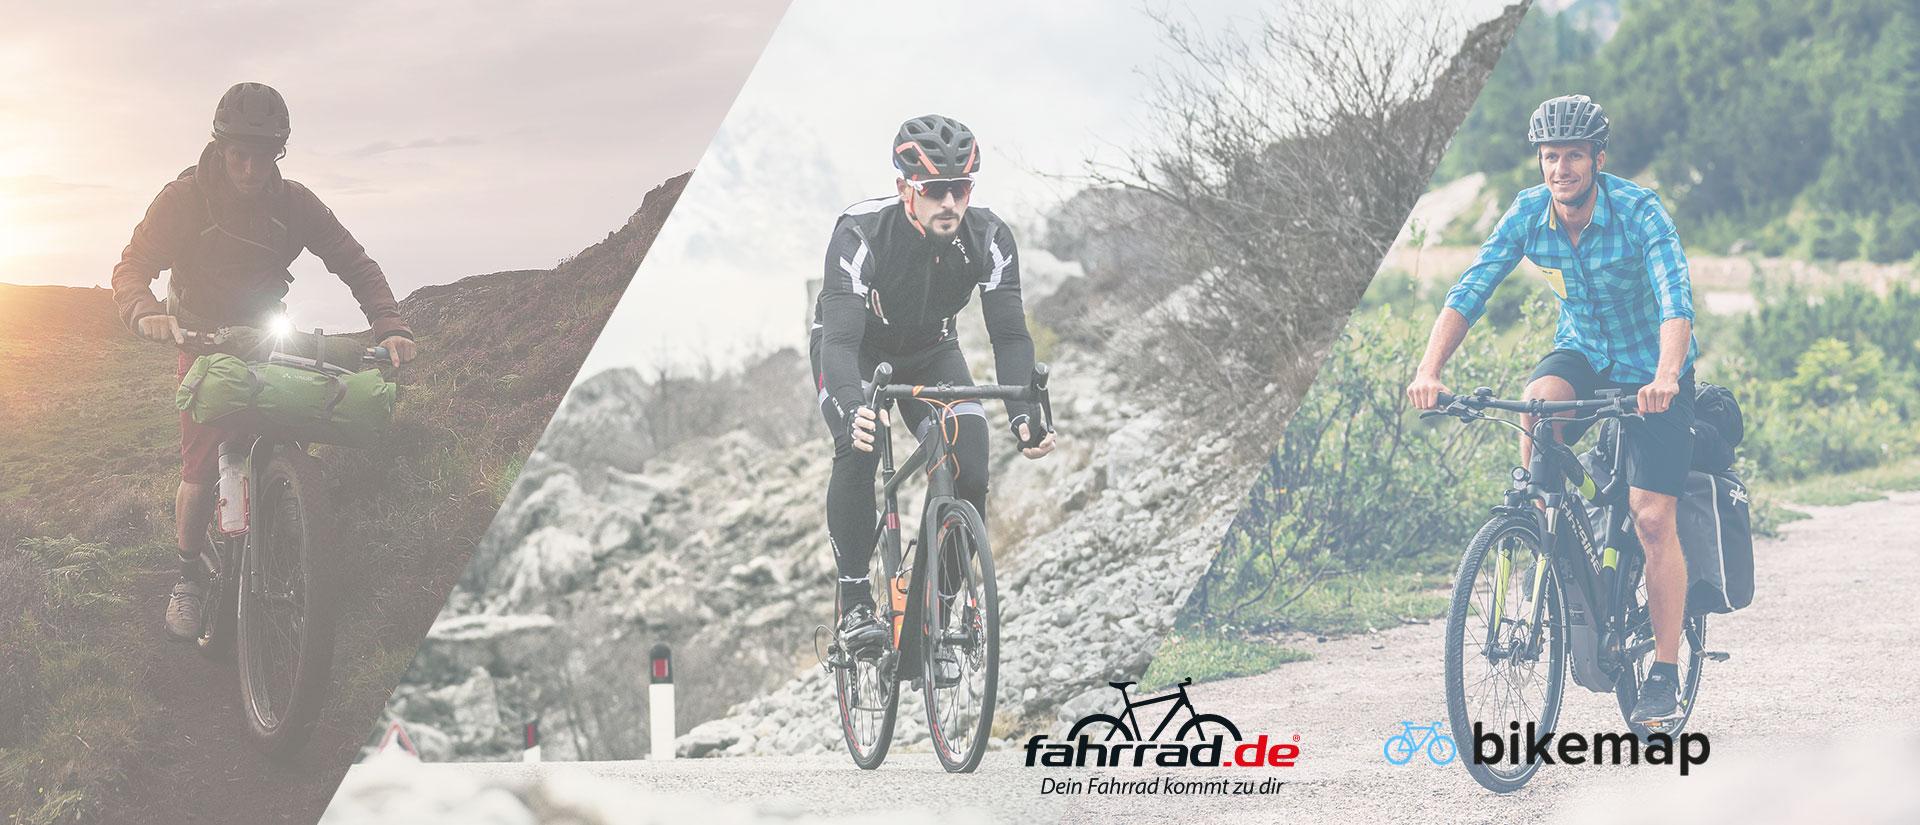 Top Fahrrad-Blogs 2018